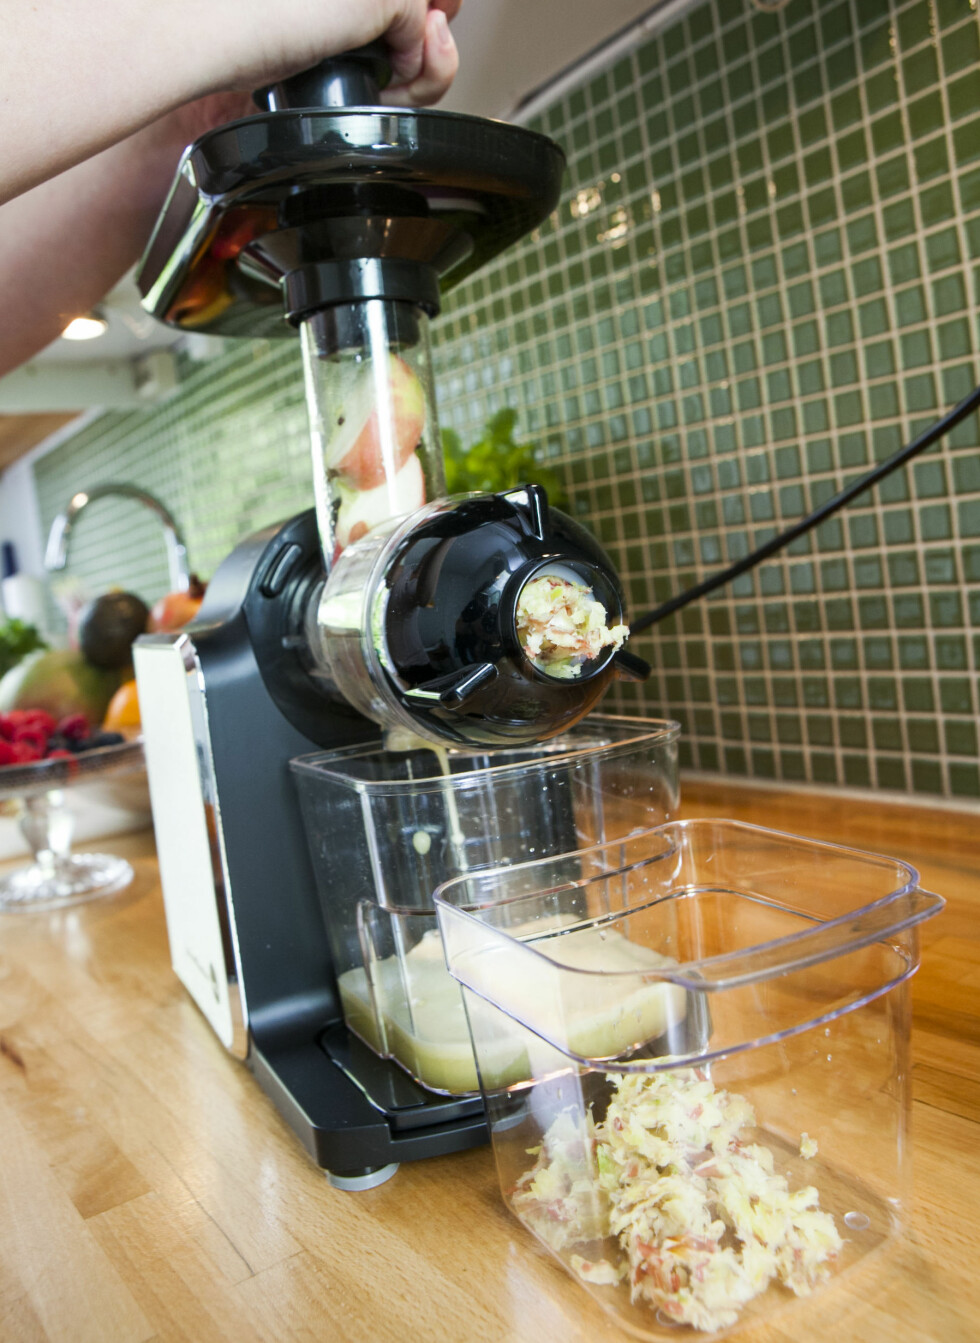 Juicen presses rett ut - og ned i en plastboks, mens avfallet kommer ut foran.  Foto: Per Ervland